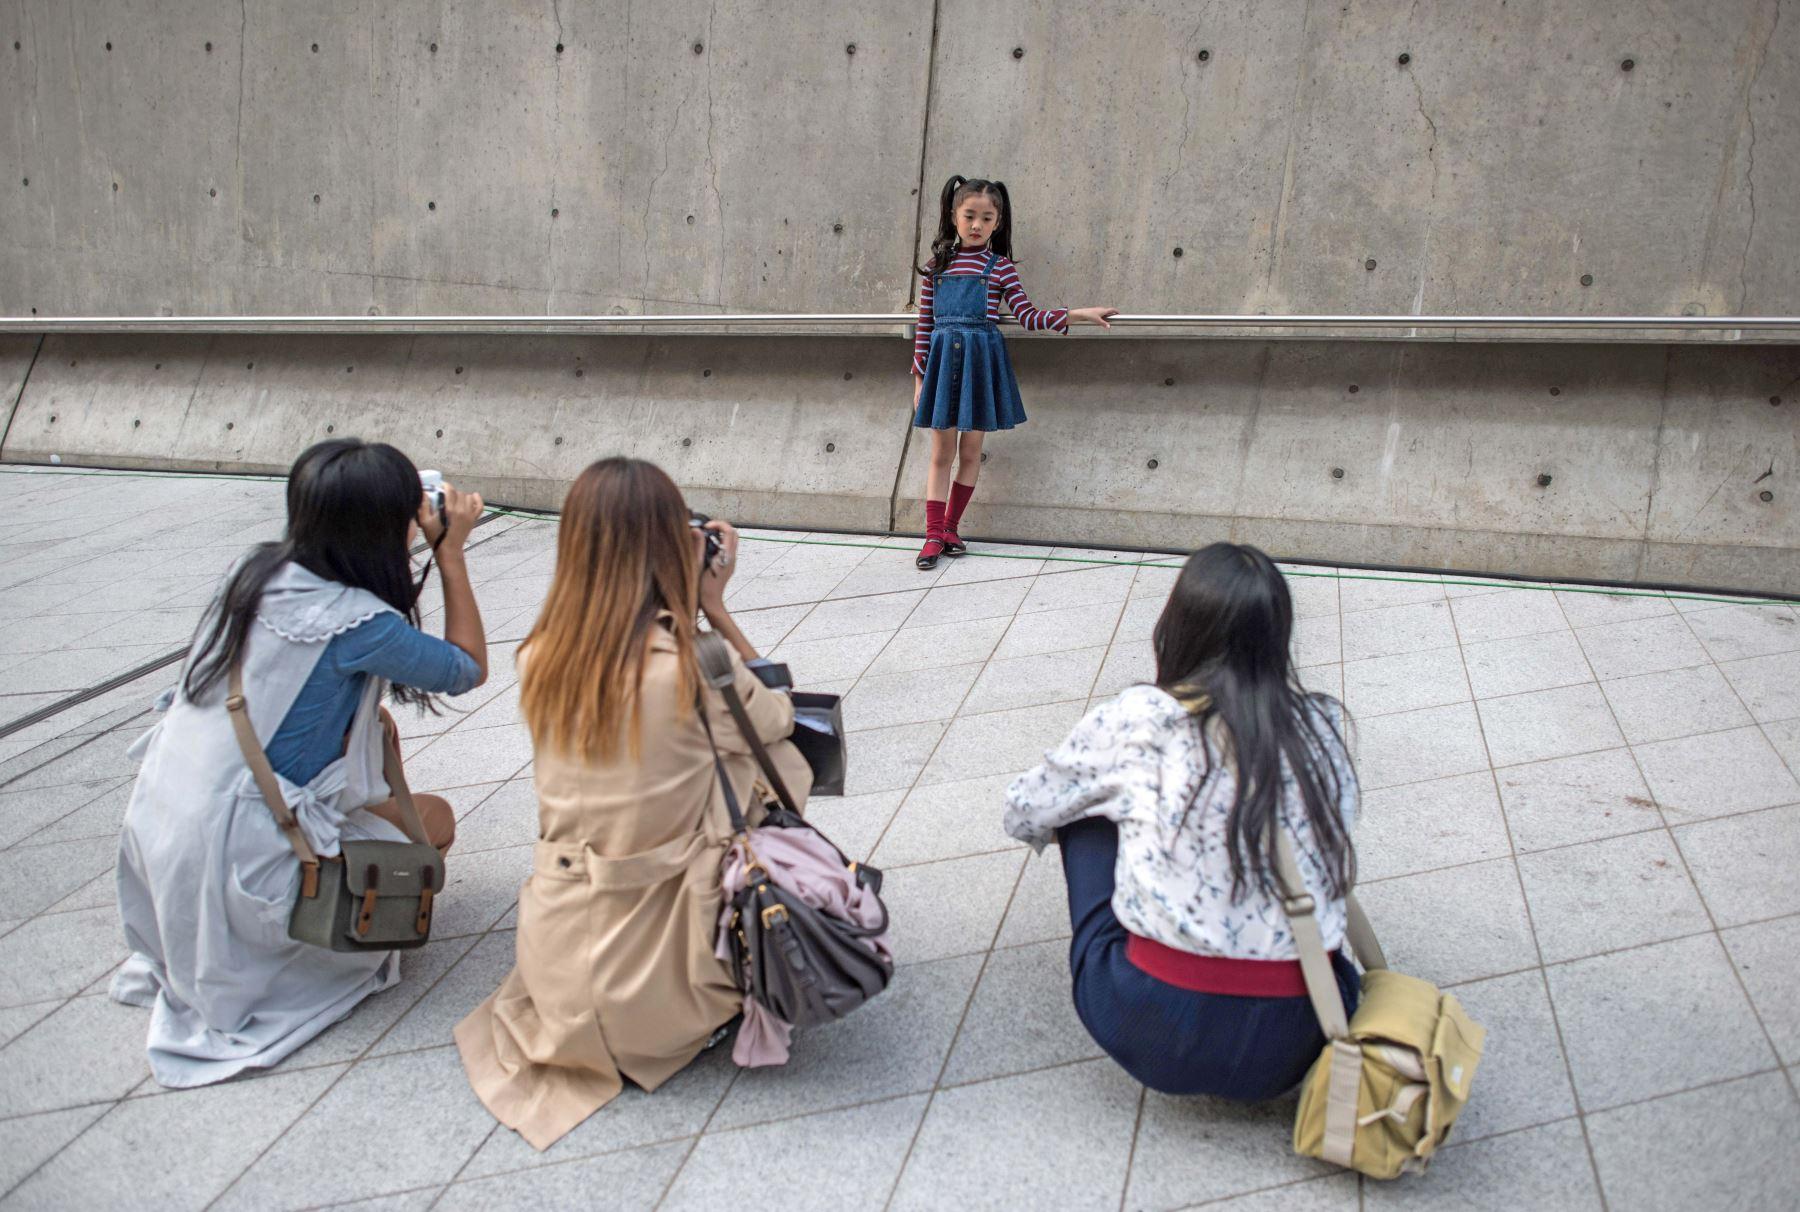 Una niña posa para fotógrafos durante la Semana de la Moda de Seúl. Foto: AFP